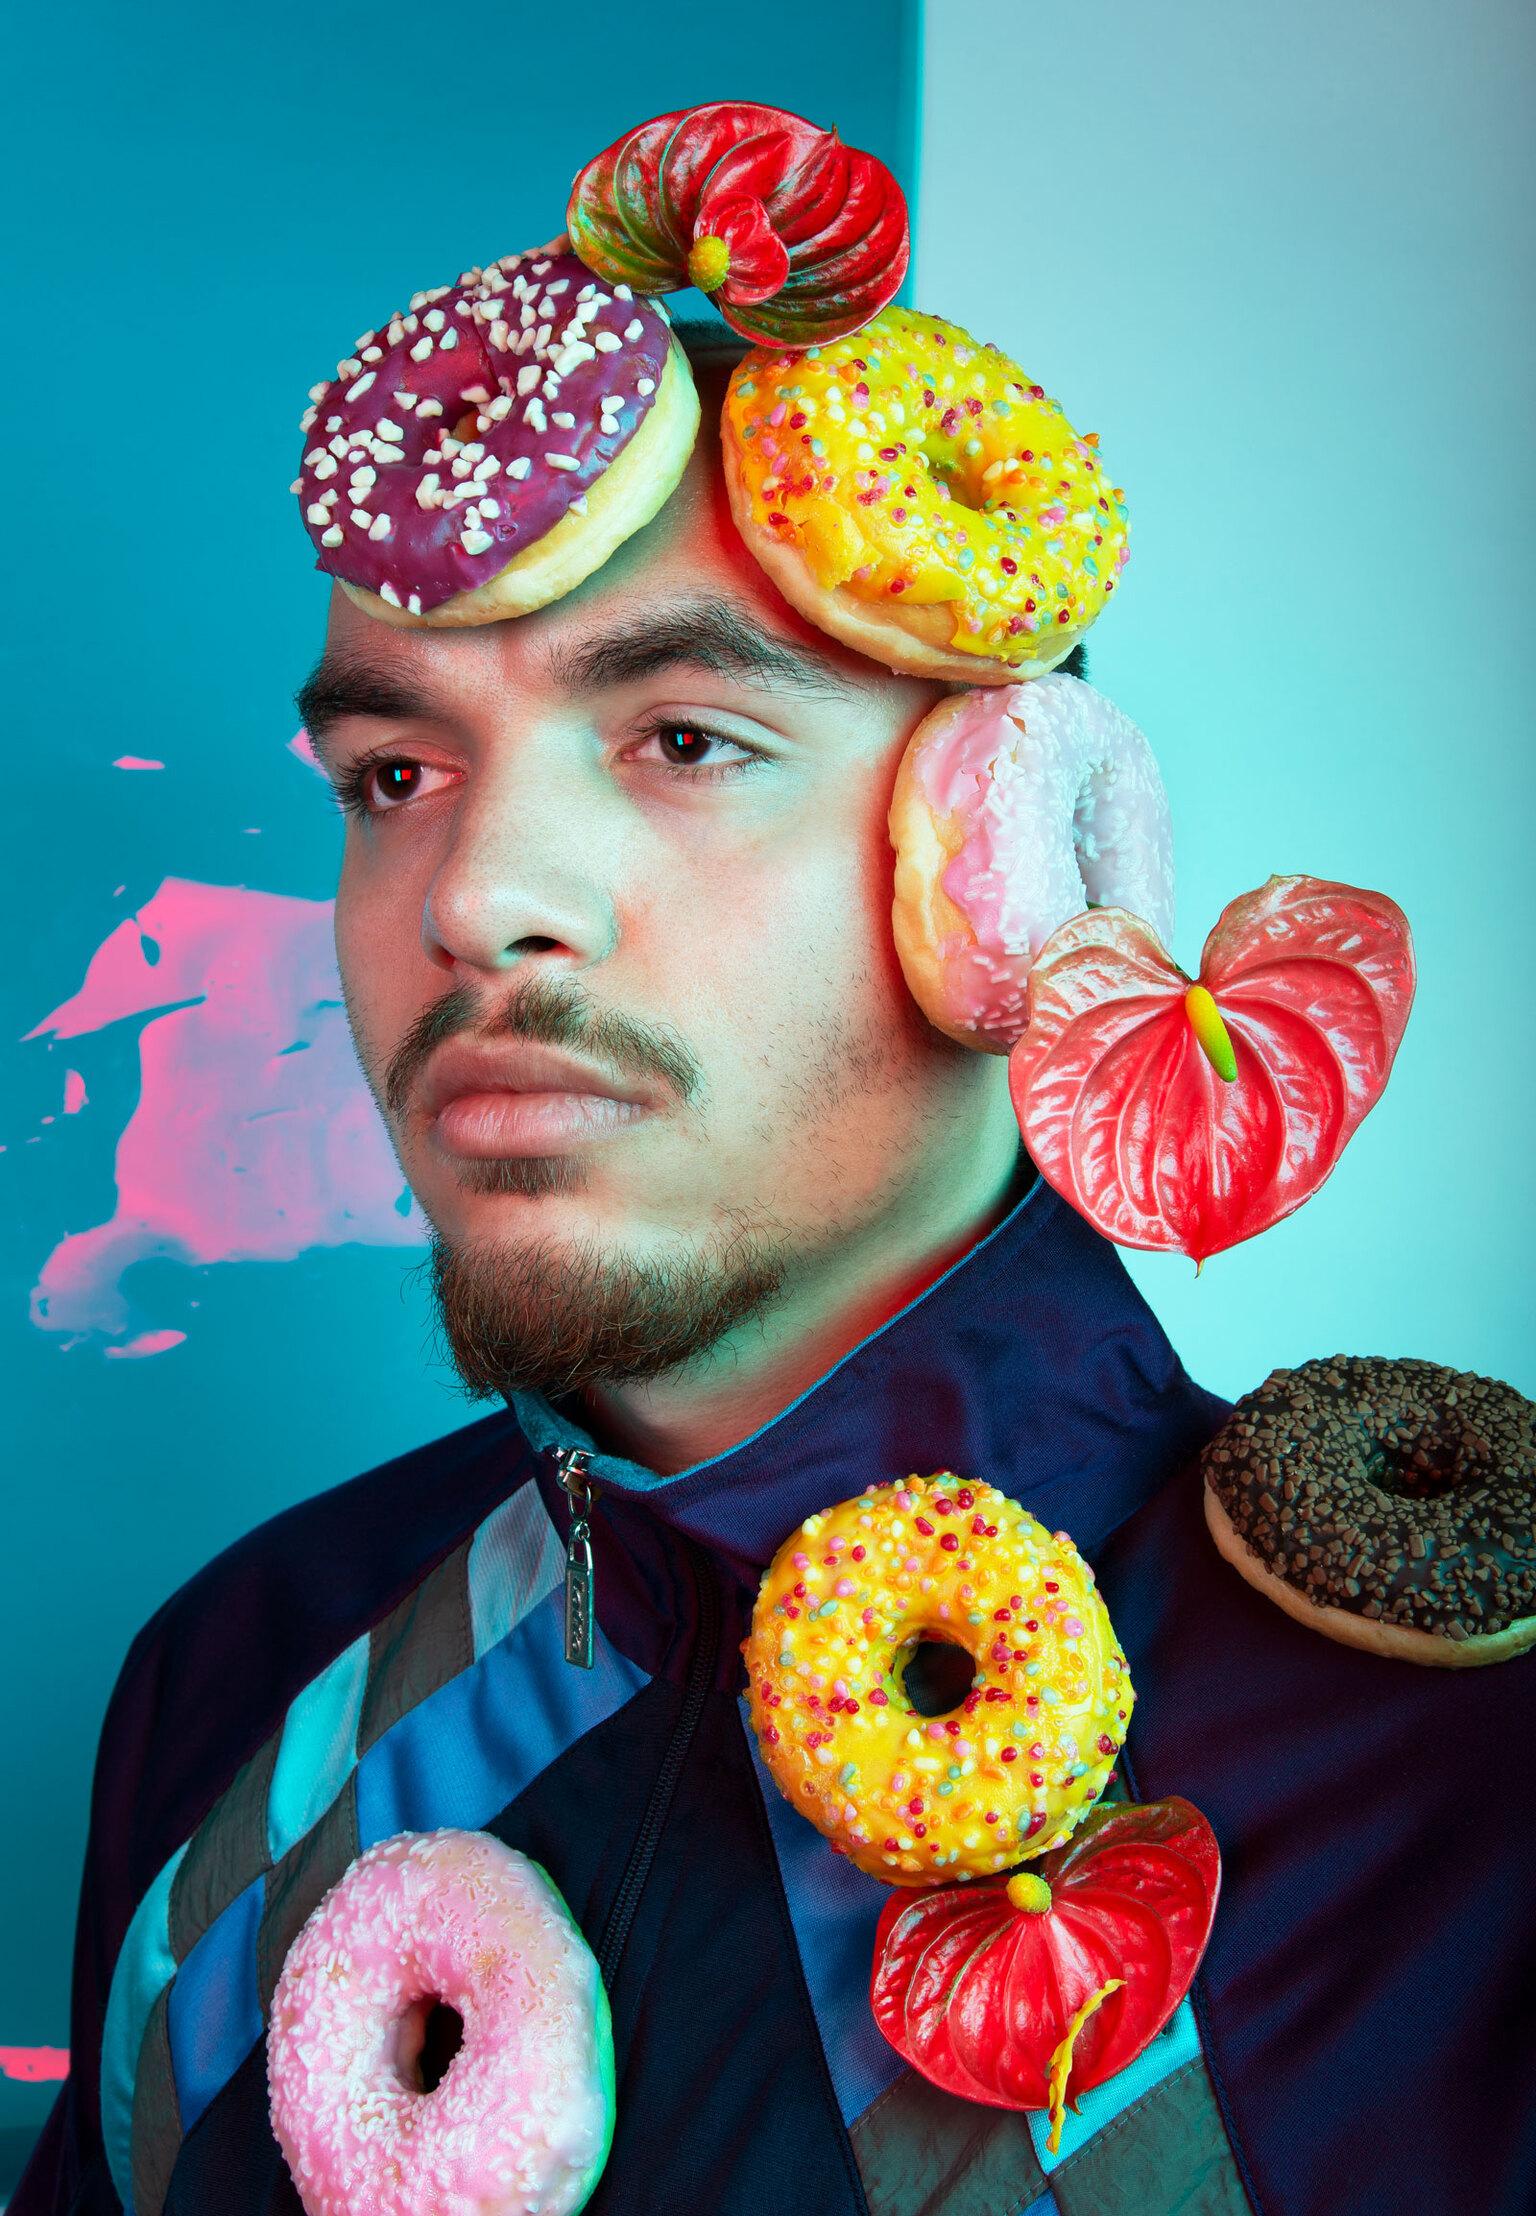 """Jermo - Donuts - Jermo is """"mijn favoriete huisgenoot"""". Als we elkaar op de gang tegenkomen is dit onze standaard groet. Jermo is een bijzonder mens. Hij heeft een fan - foto door SophieVermeulen op 14-04-2021 - deze foto bevat: donuts, portret, badmeester, kunst, fineartphotography, stillifeportrait, artist, foodart, gezicht, oog, hoofddeksel, bloem, gelukkig, fabriek, baard, evenement, kunst, zendspoel"""